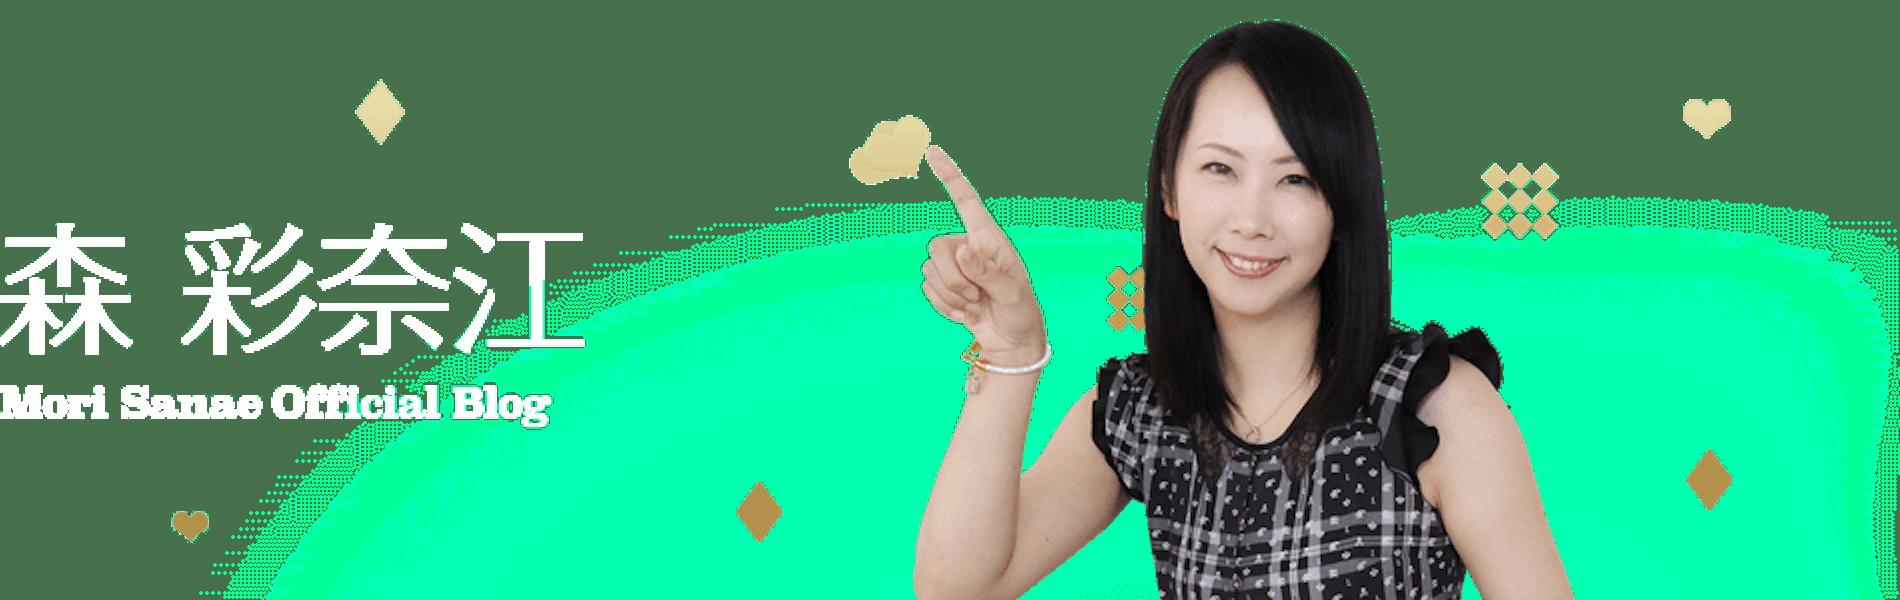 森彩奈江 オフィシャルブログ